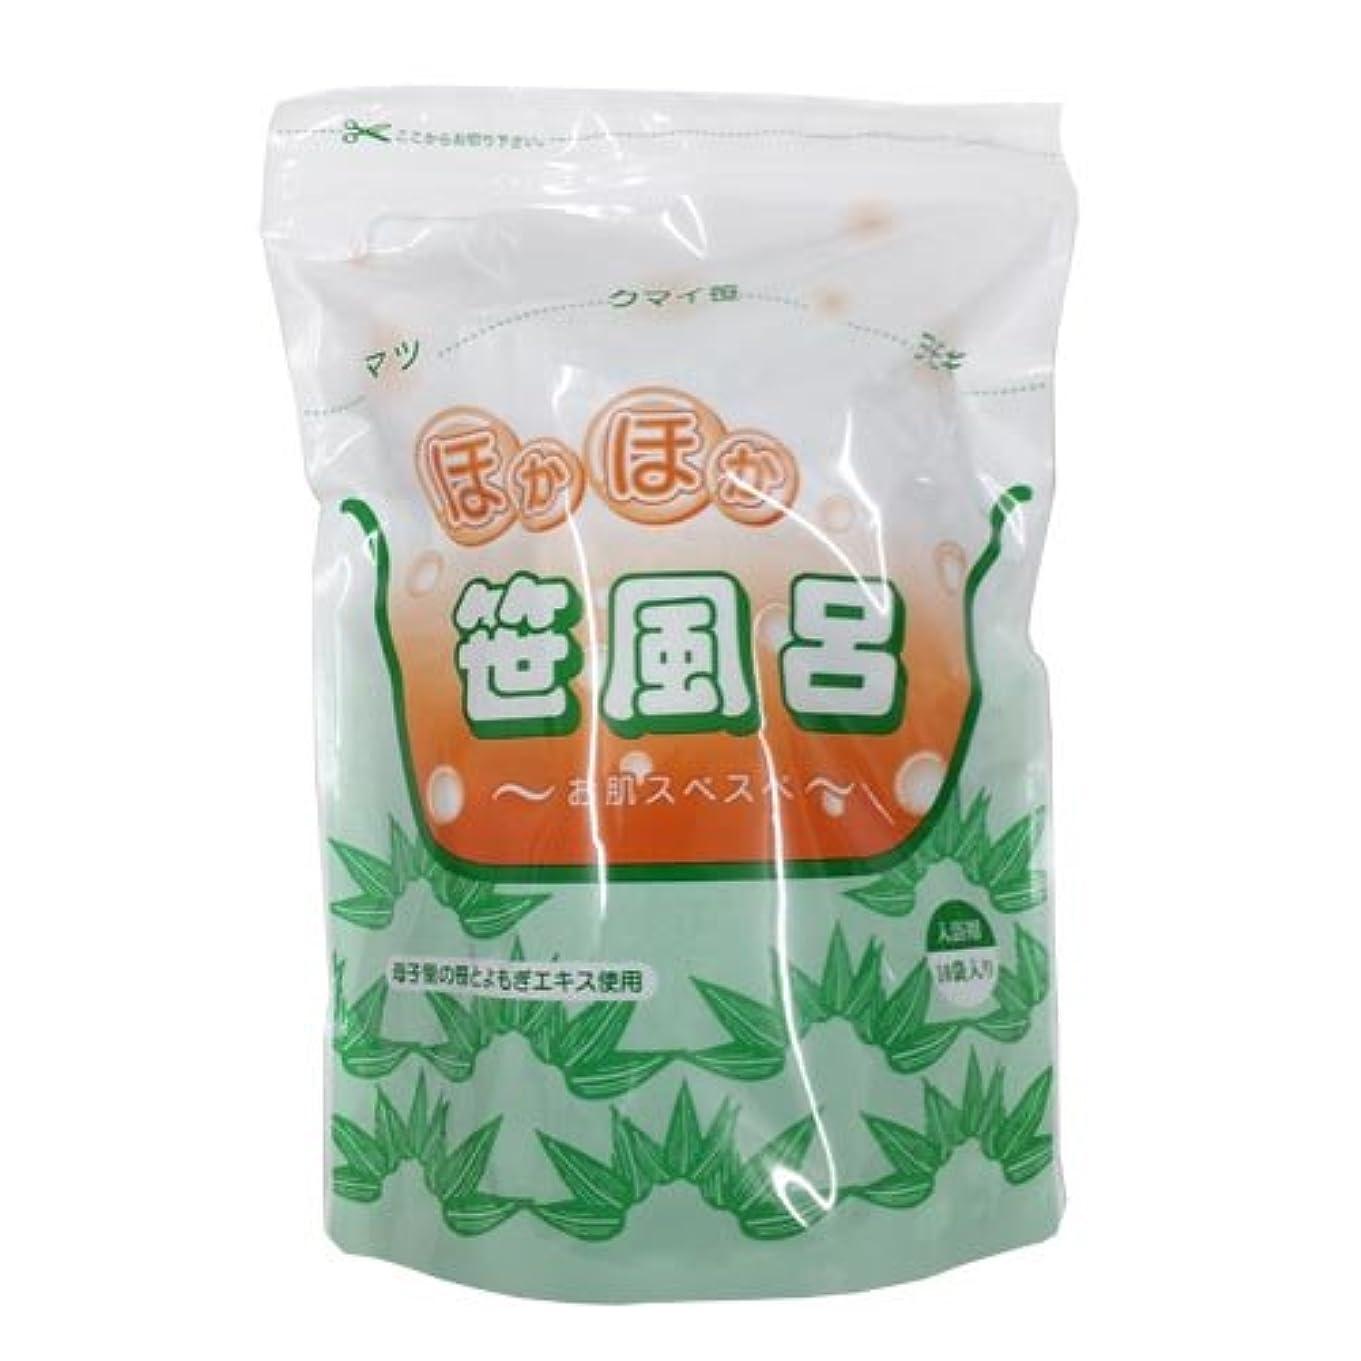 脆いスキーム等価ほかほか笹風呂 20g×10袋